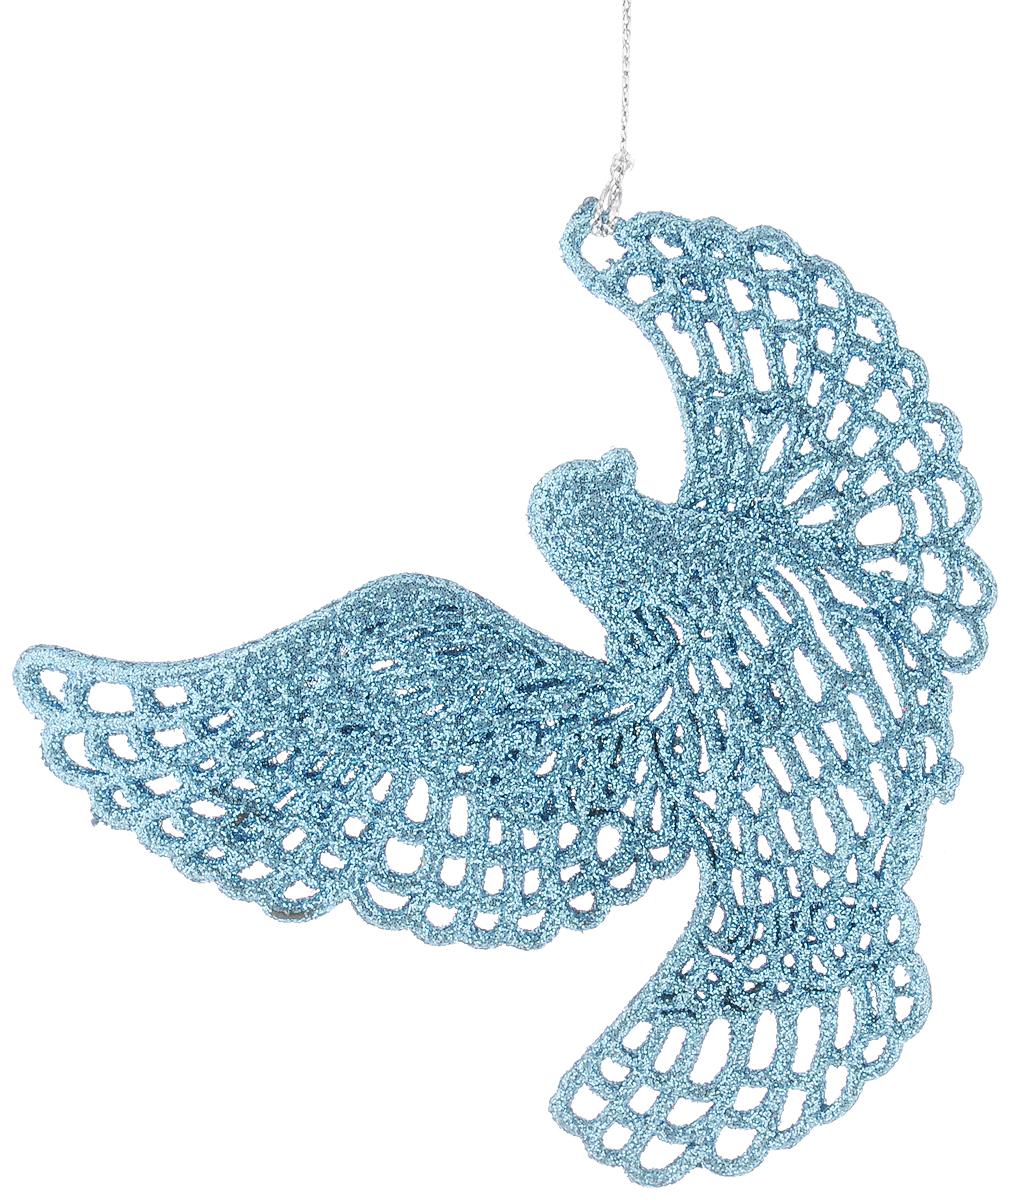 Украшение новогоднее подвесное Magic Time Небесная голубка 11,5 х 11,5 см42098Новогоднее подвесное украшение Magic Time Небесная голубка выполнено из полипропилена в виде голубки и украшено блестками. С помощью специальной петельки украшение можно повесить в любом понравившемся вам месте. Но, конечно, удачнее всего оно будет смотреться на праздничной елке. Елочная игрушка - символ Нового года. Она несет в себе волшебство и красоту праздника. Создайте в своем доме атмосферу веселья и радости, украшая новогоднюю елку нарядными игрушками, которые будут из года в год накапливать теплоту воспоминаний.